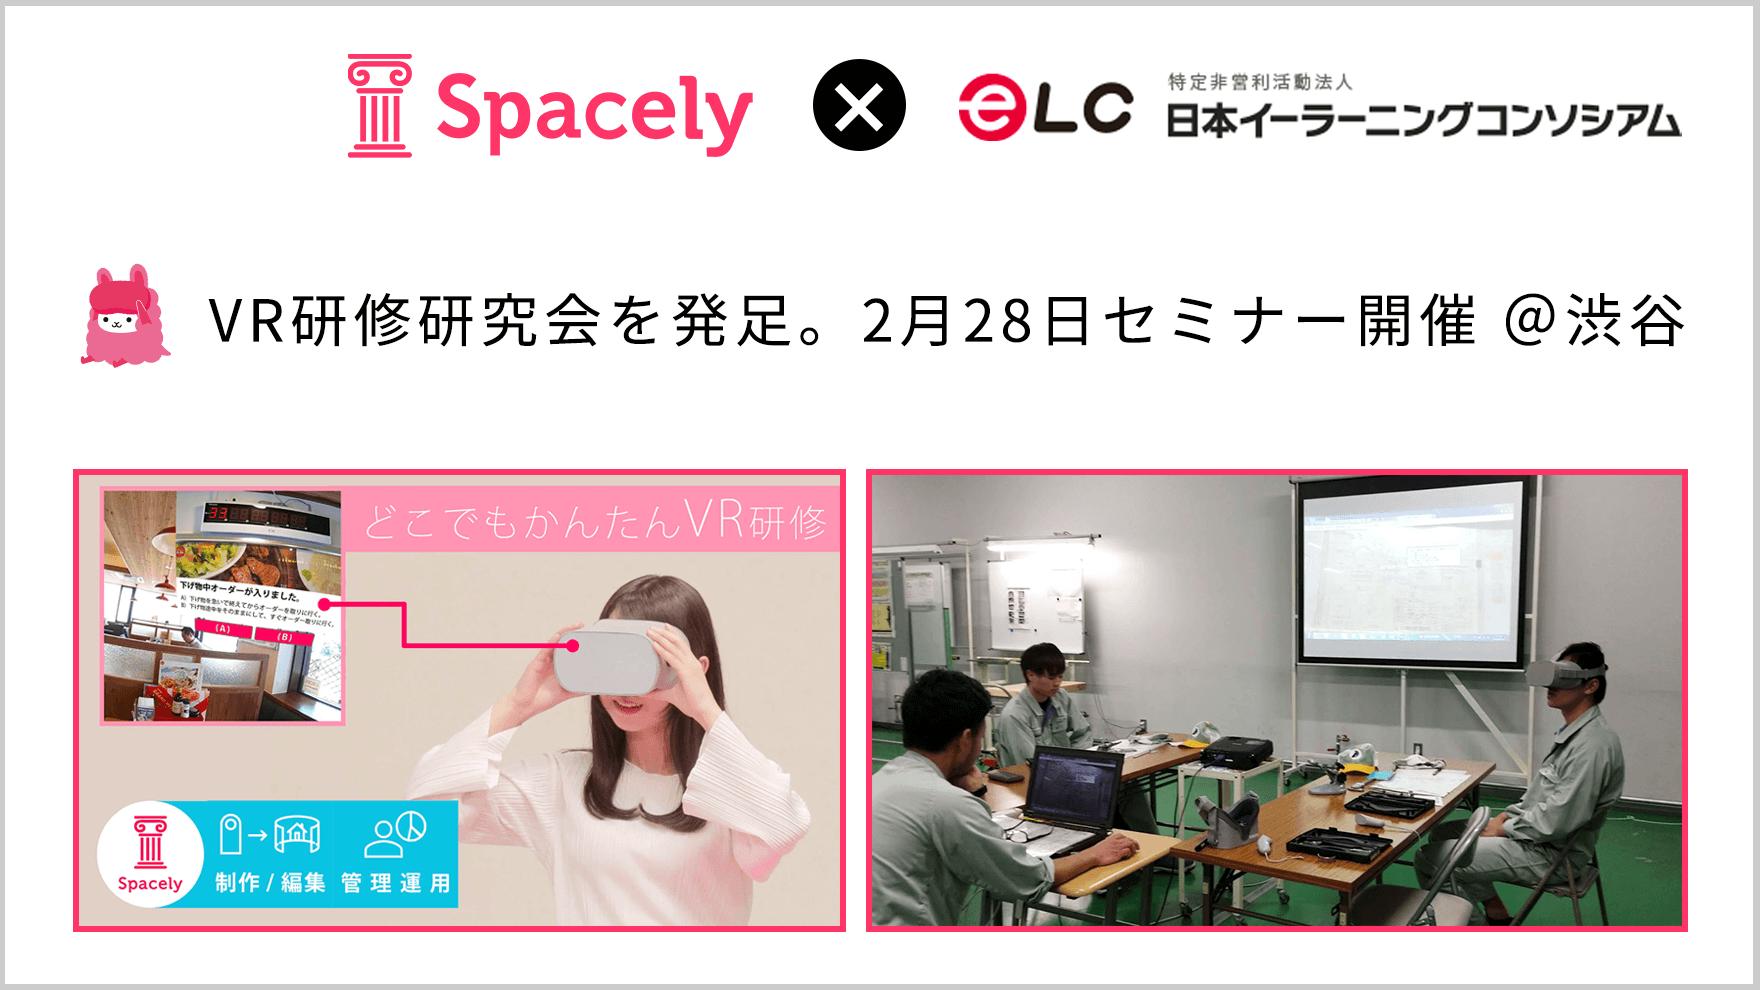 VRクラウド「スペースリー」日本イーラーニングコンソシアムとVR研修研究会を発足。2月28日に渋谷でキックオフセミナー開催。